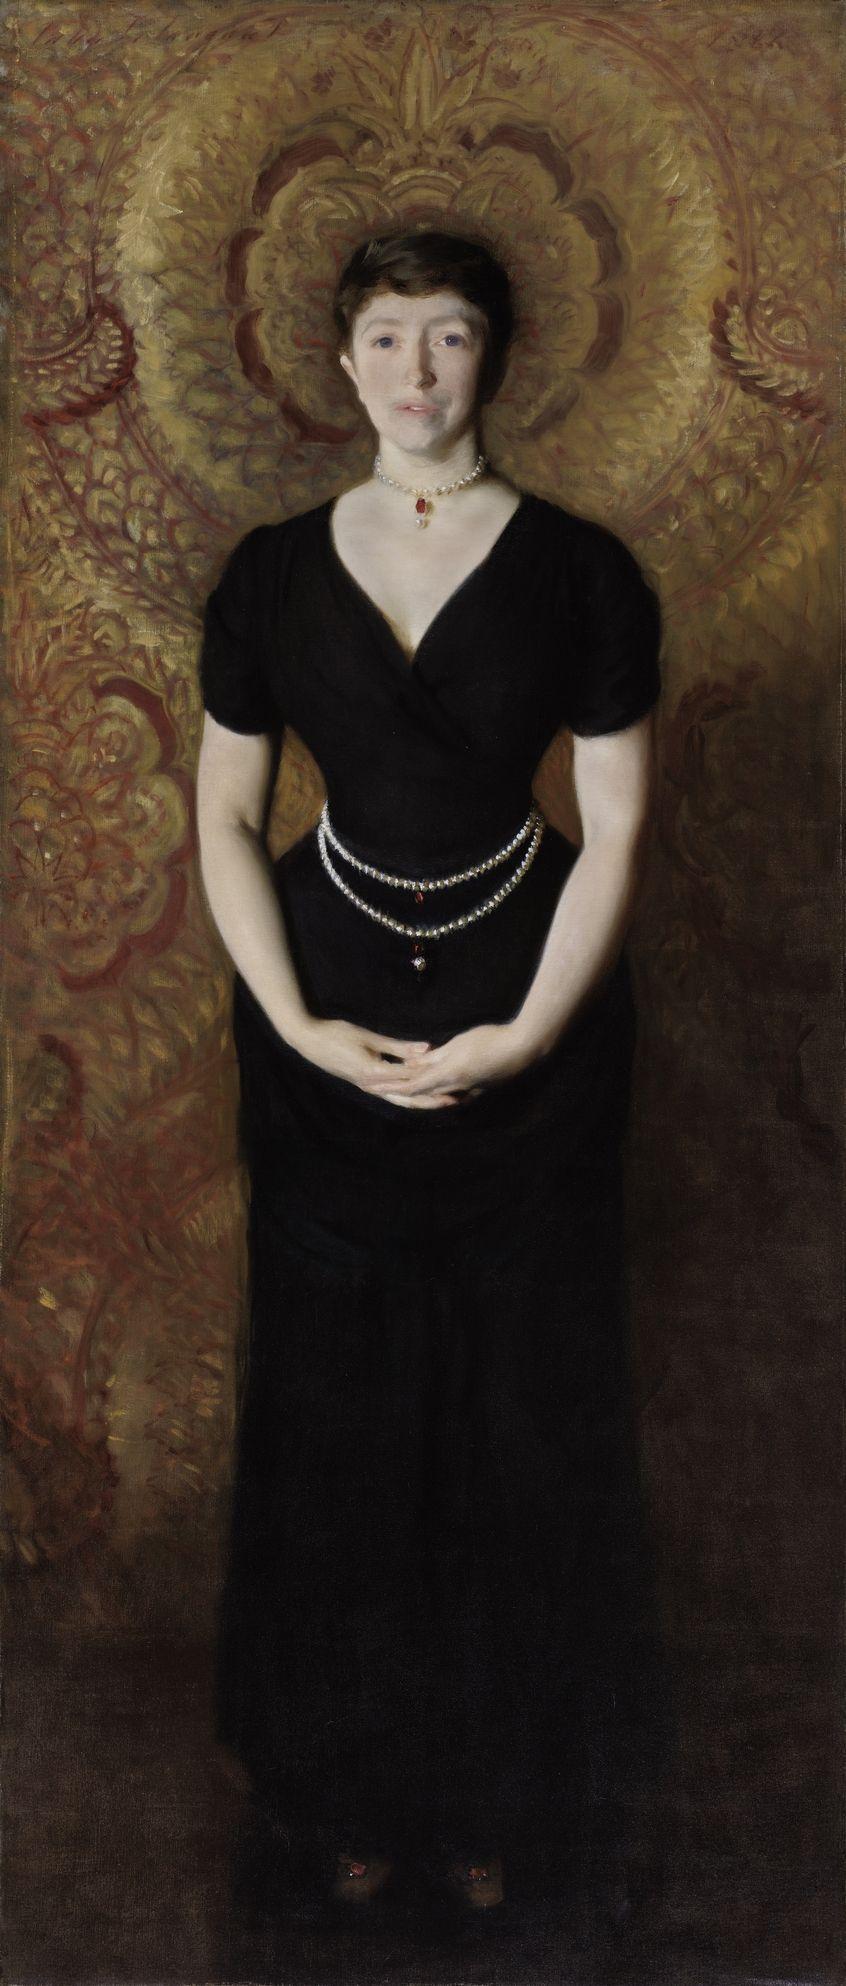 Isabella Stewart Gardner portrait by John Singer Sargent